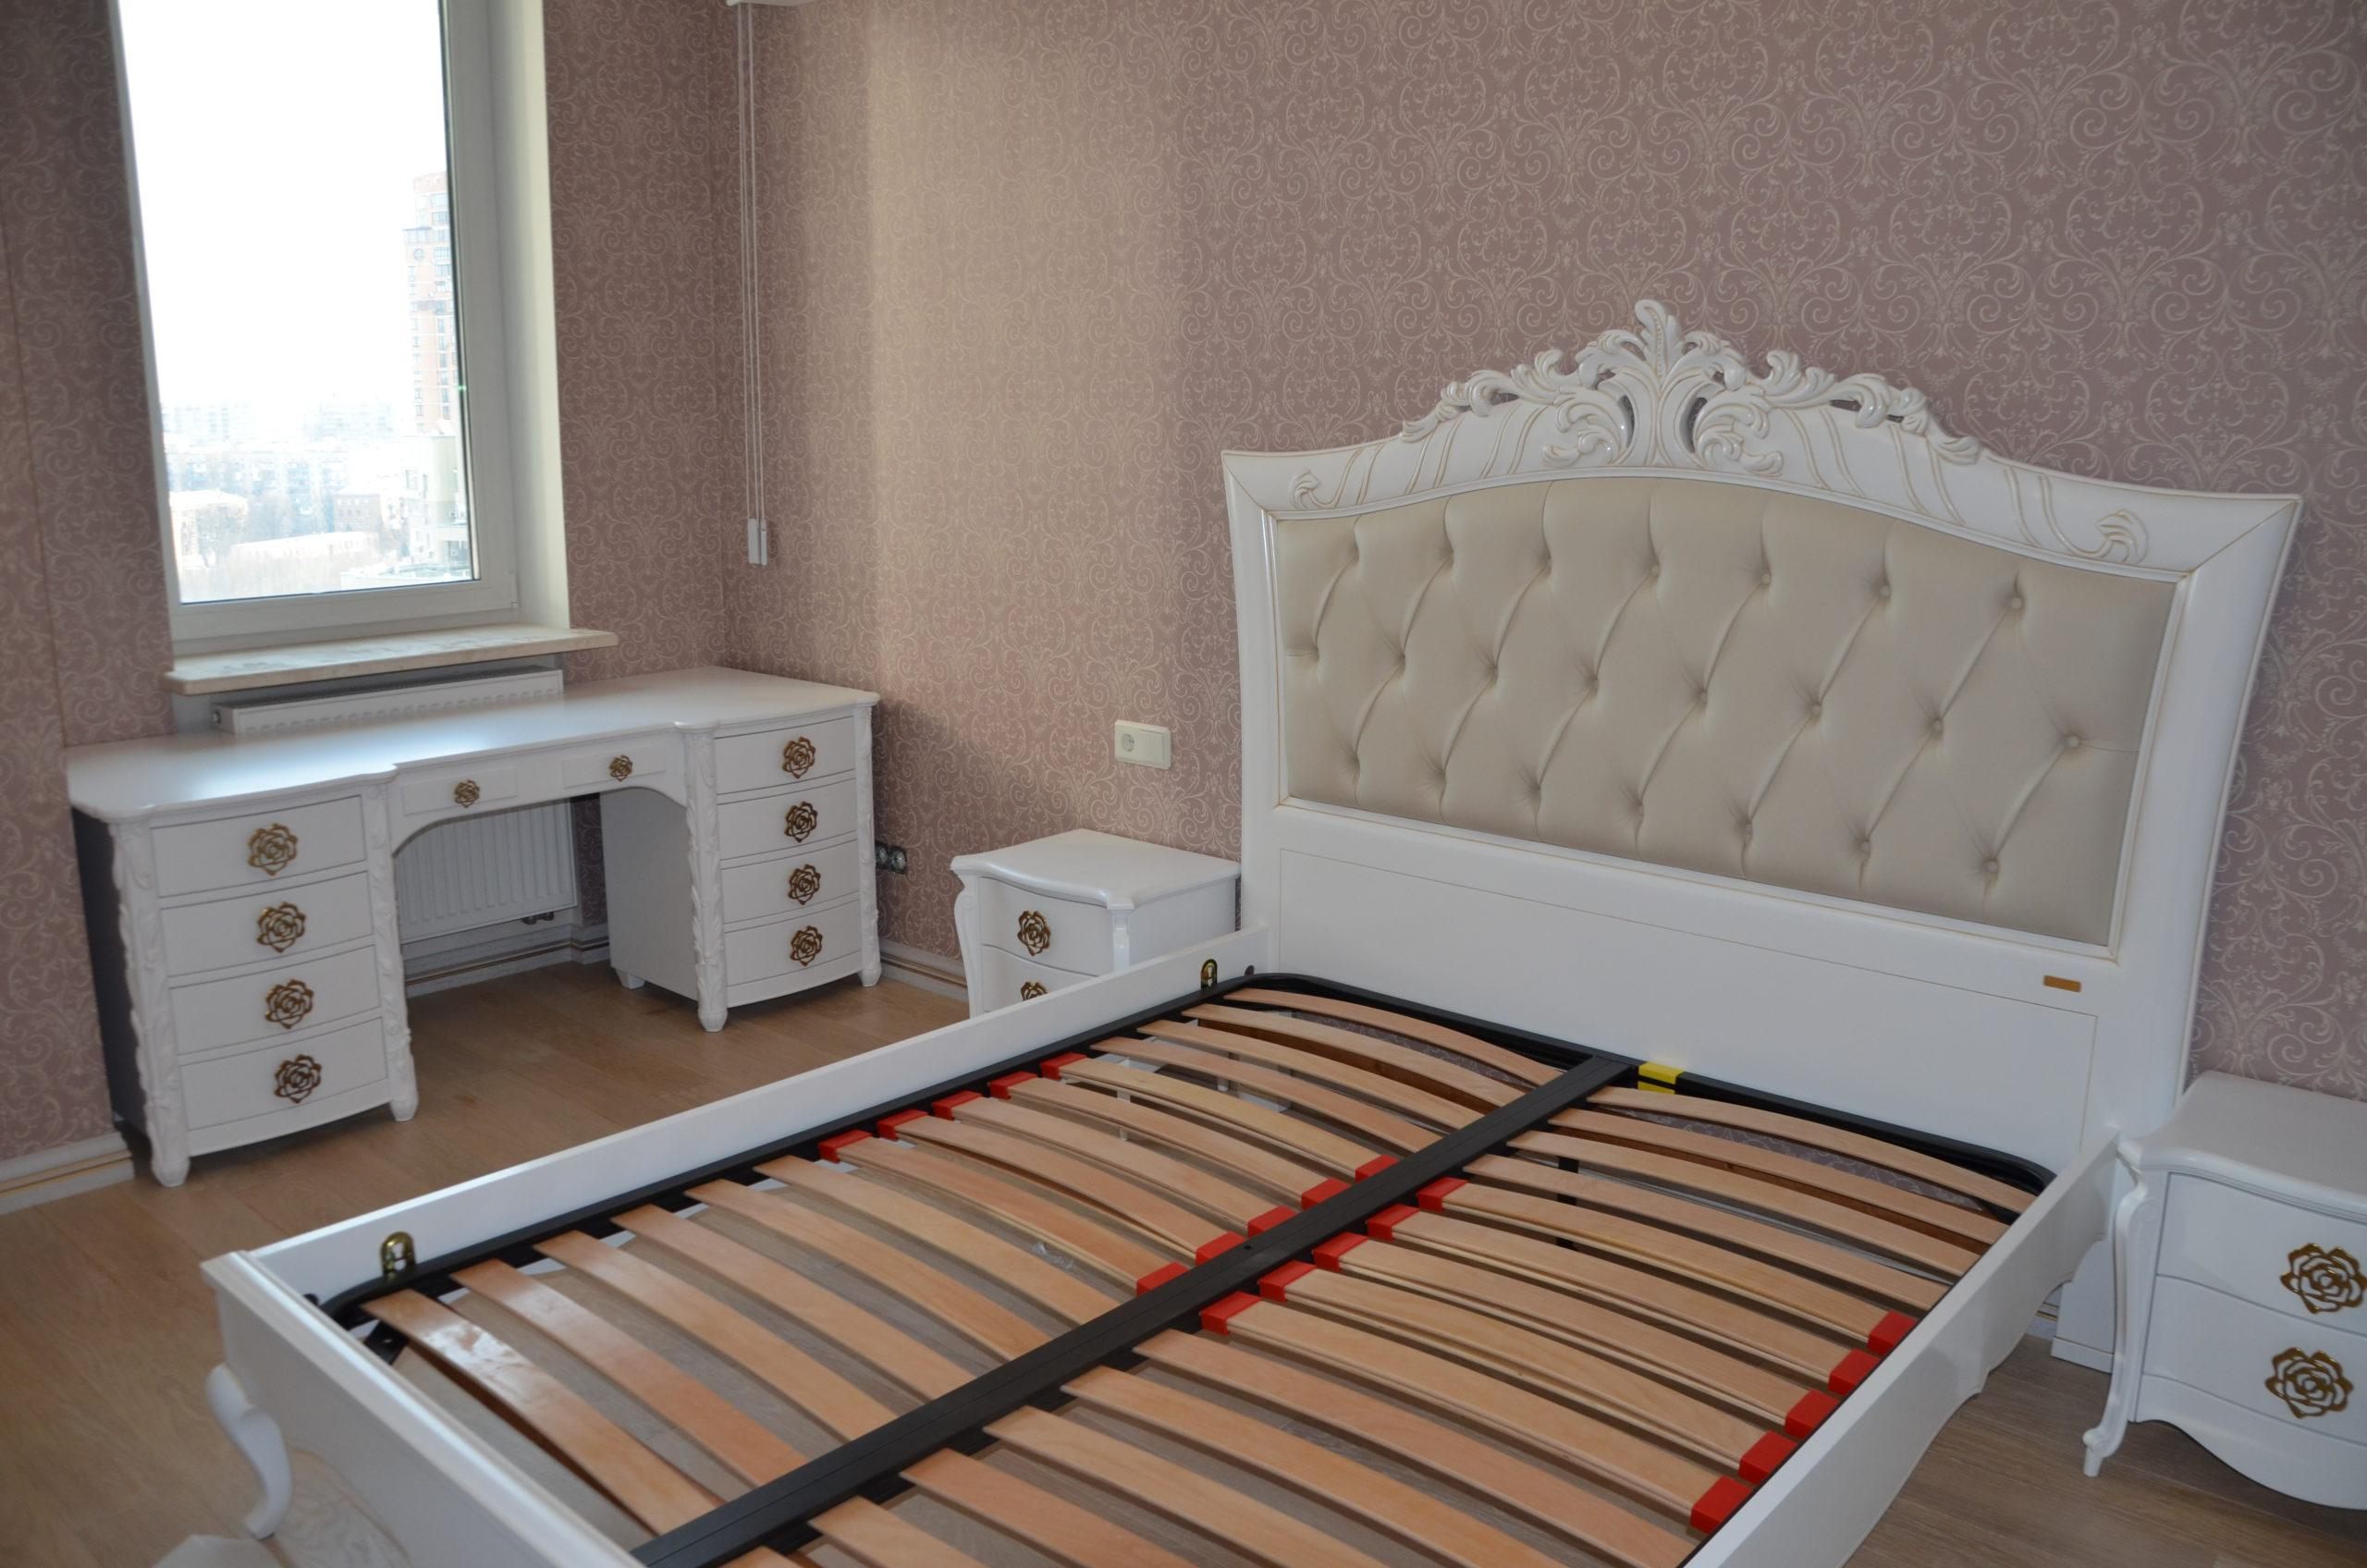 Спальний гарнітур - фото 20